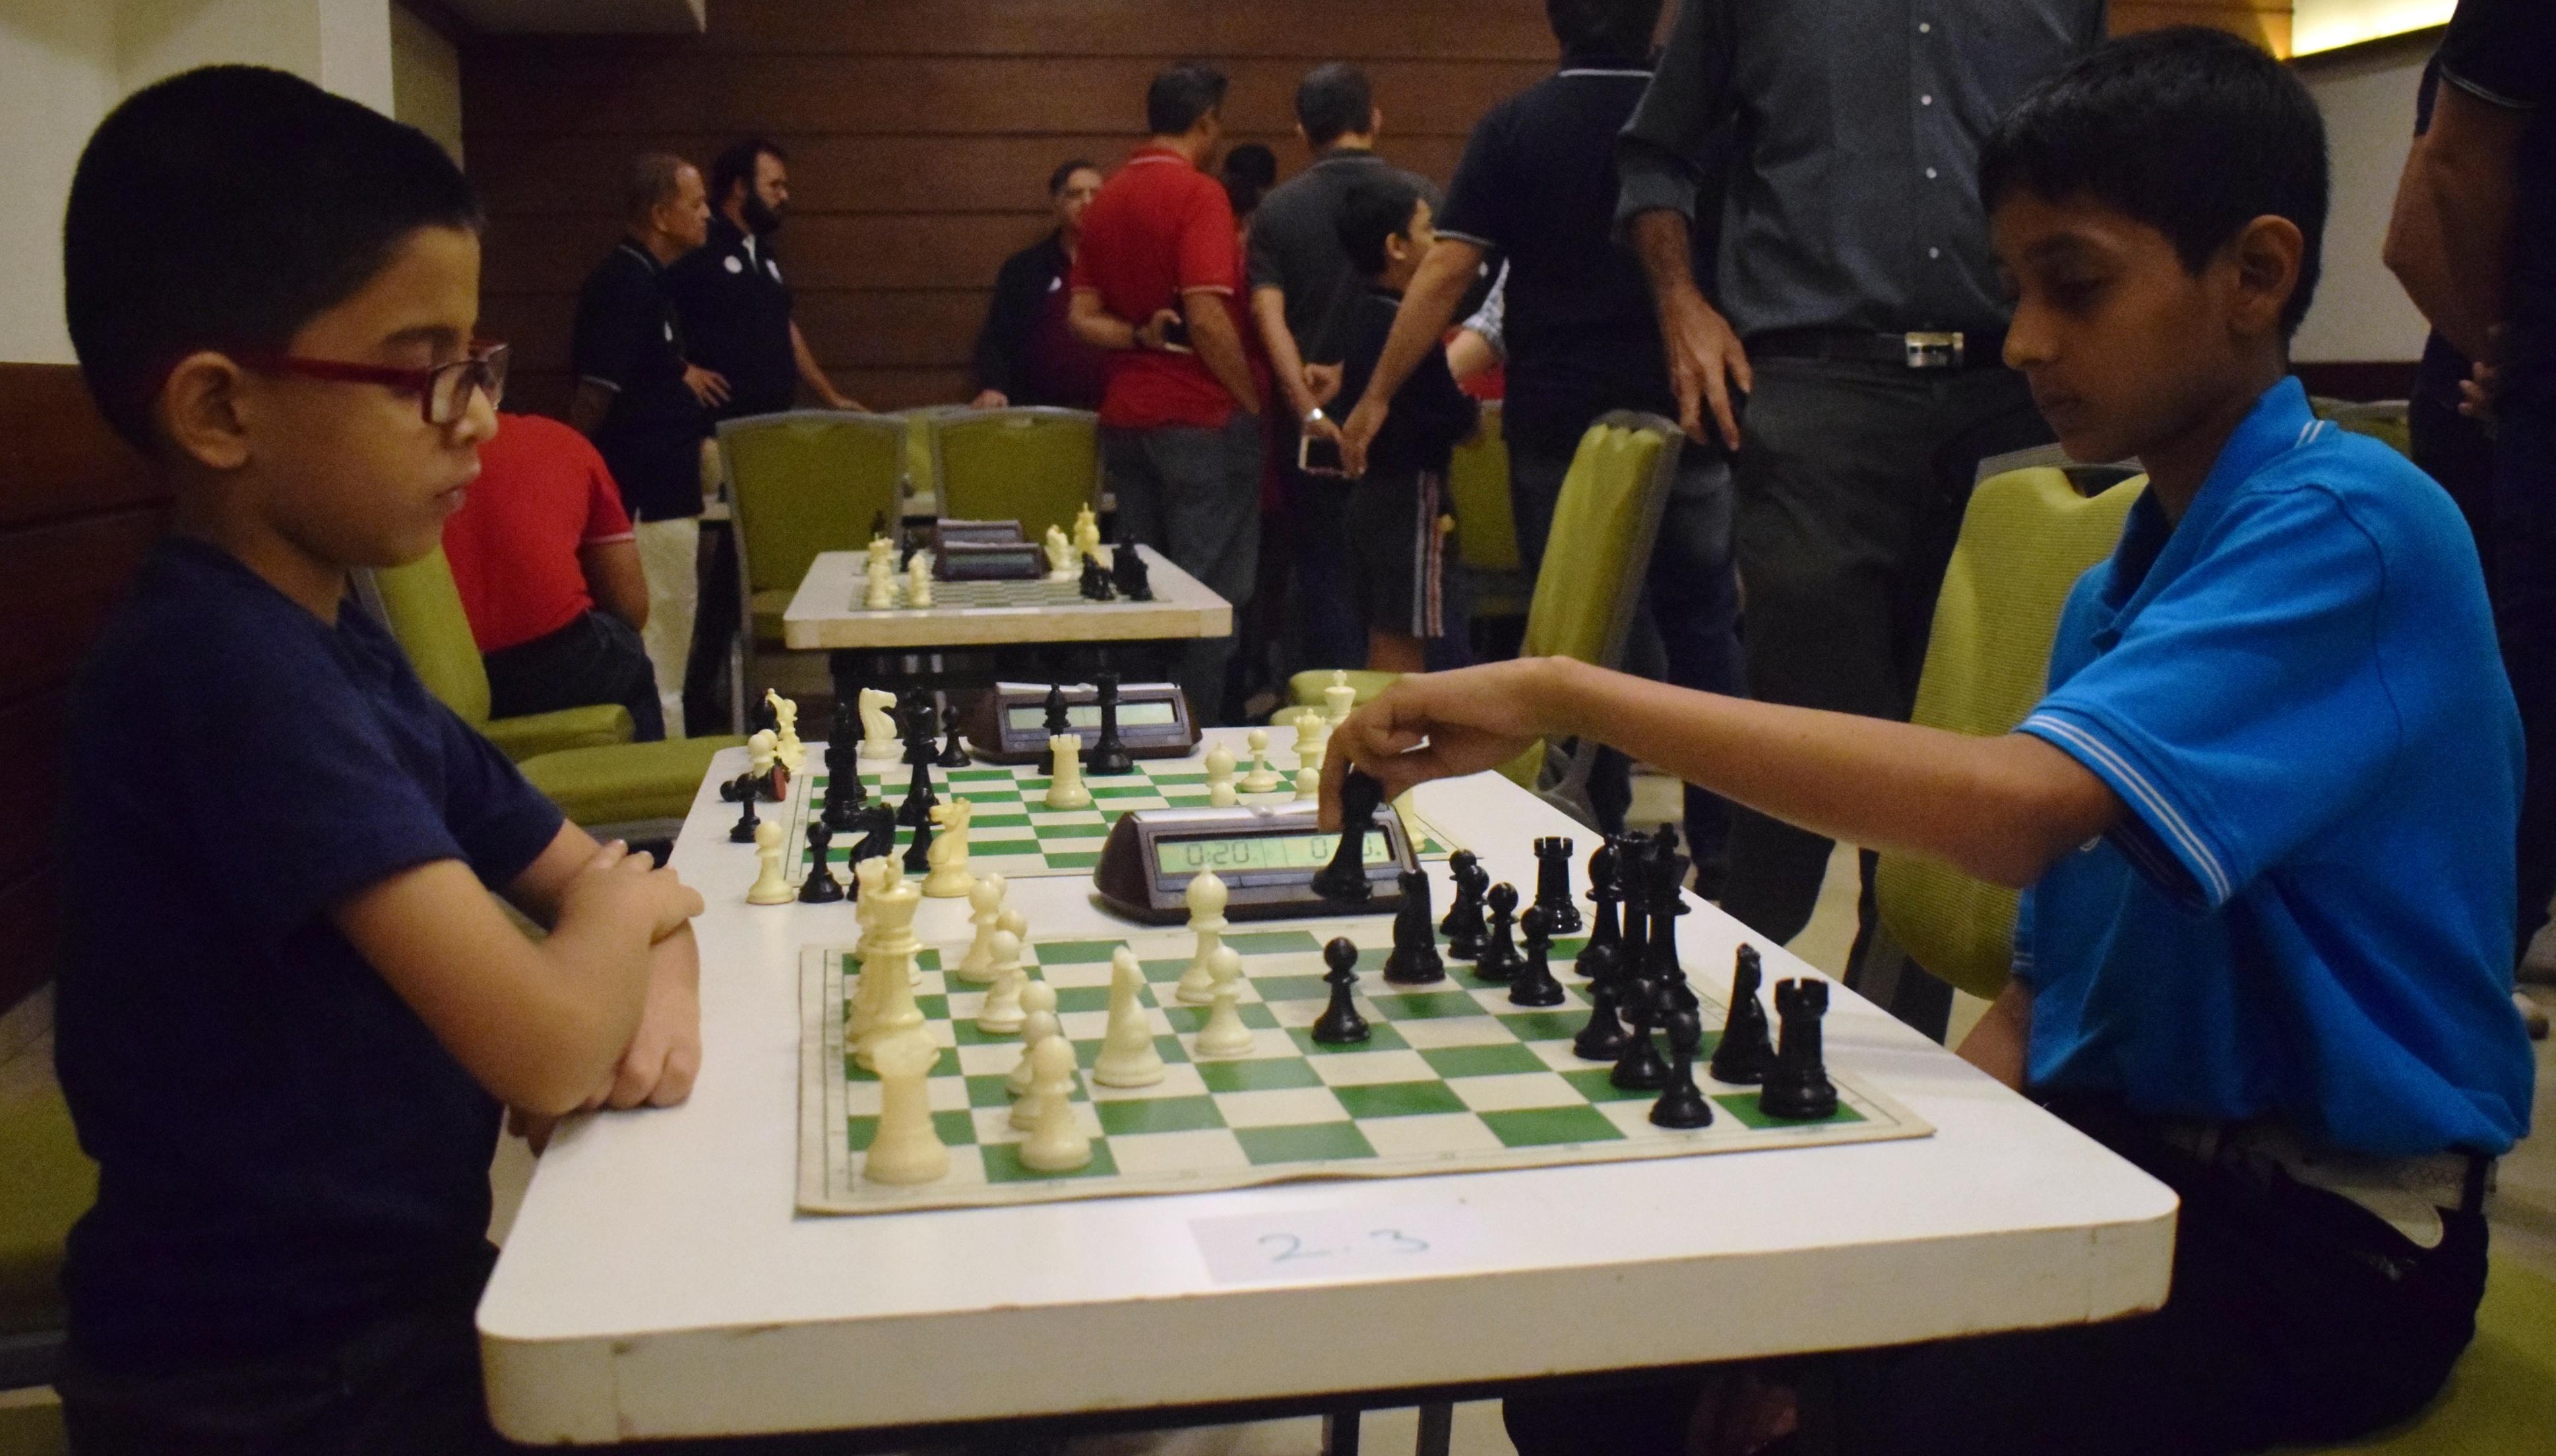 पीवायसी बुद्धिबळ लीग 2019 स्पर्धेत गोल्डन किंग, द बिशप्स चेक संघांचा दुसरा विजय